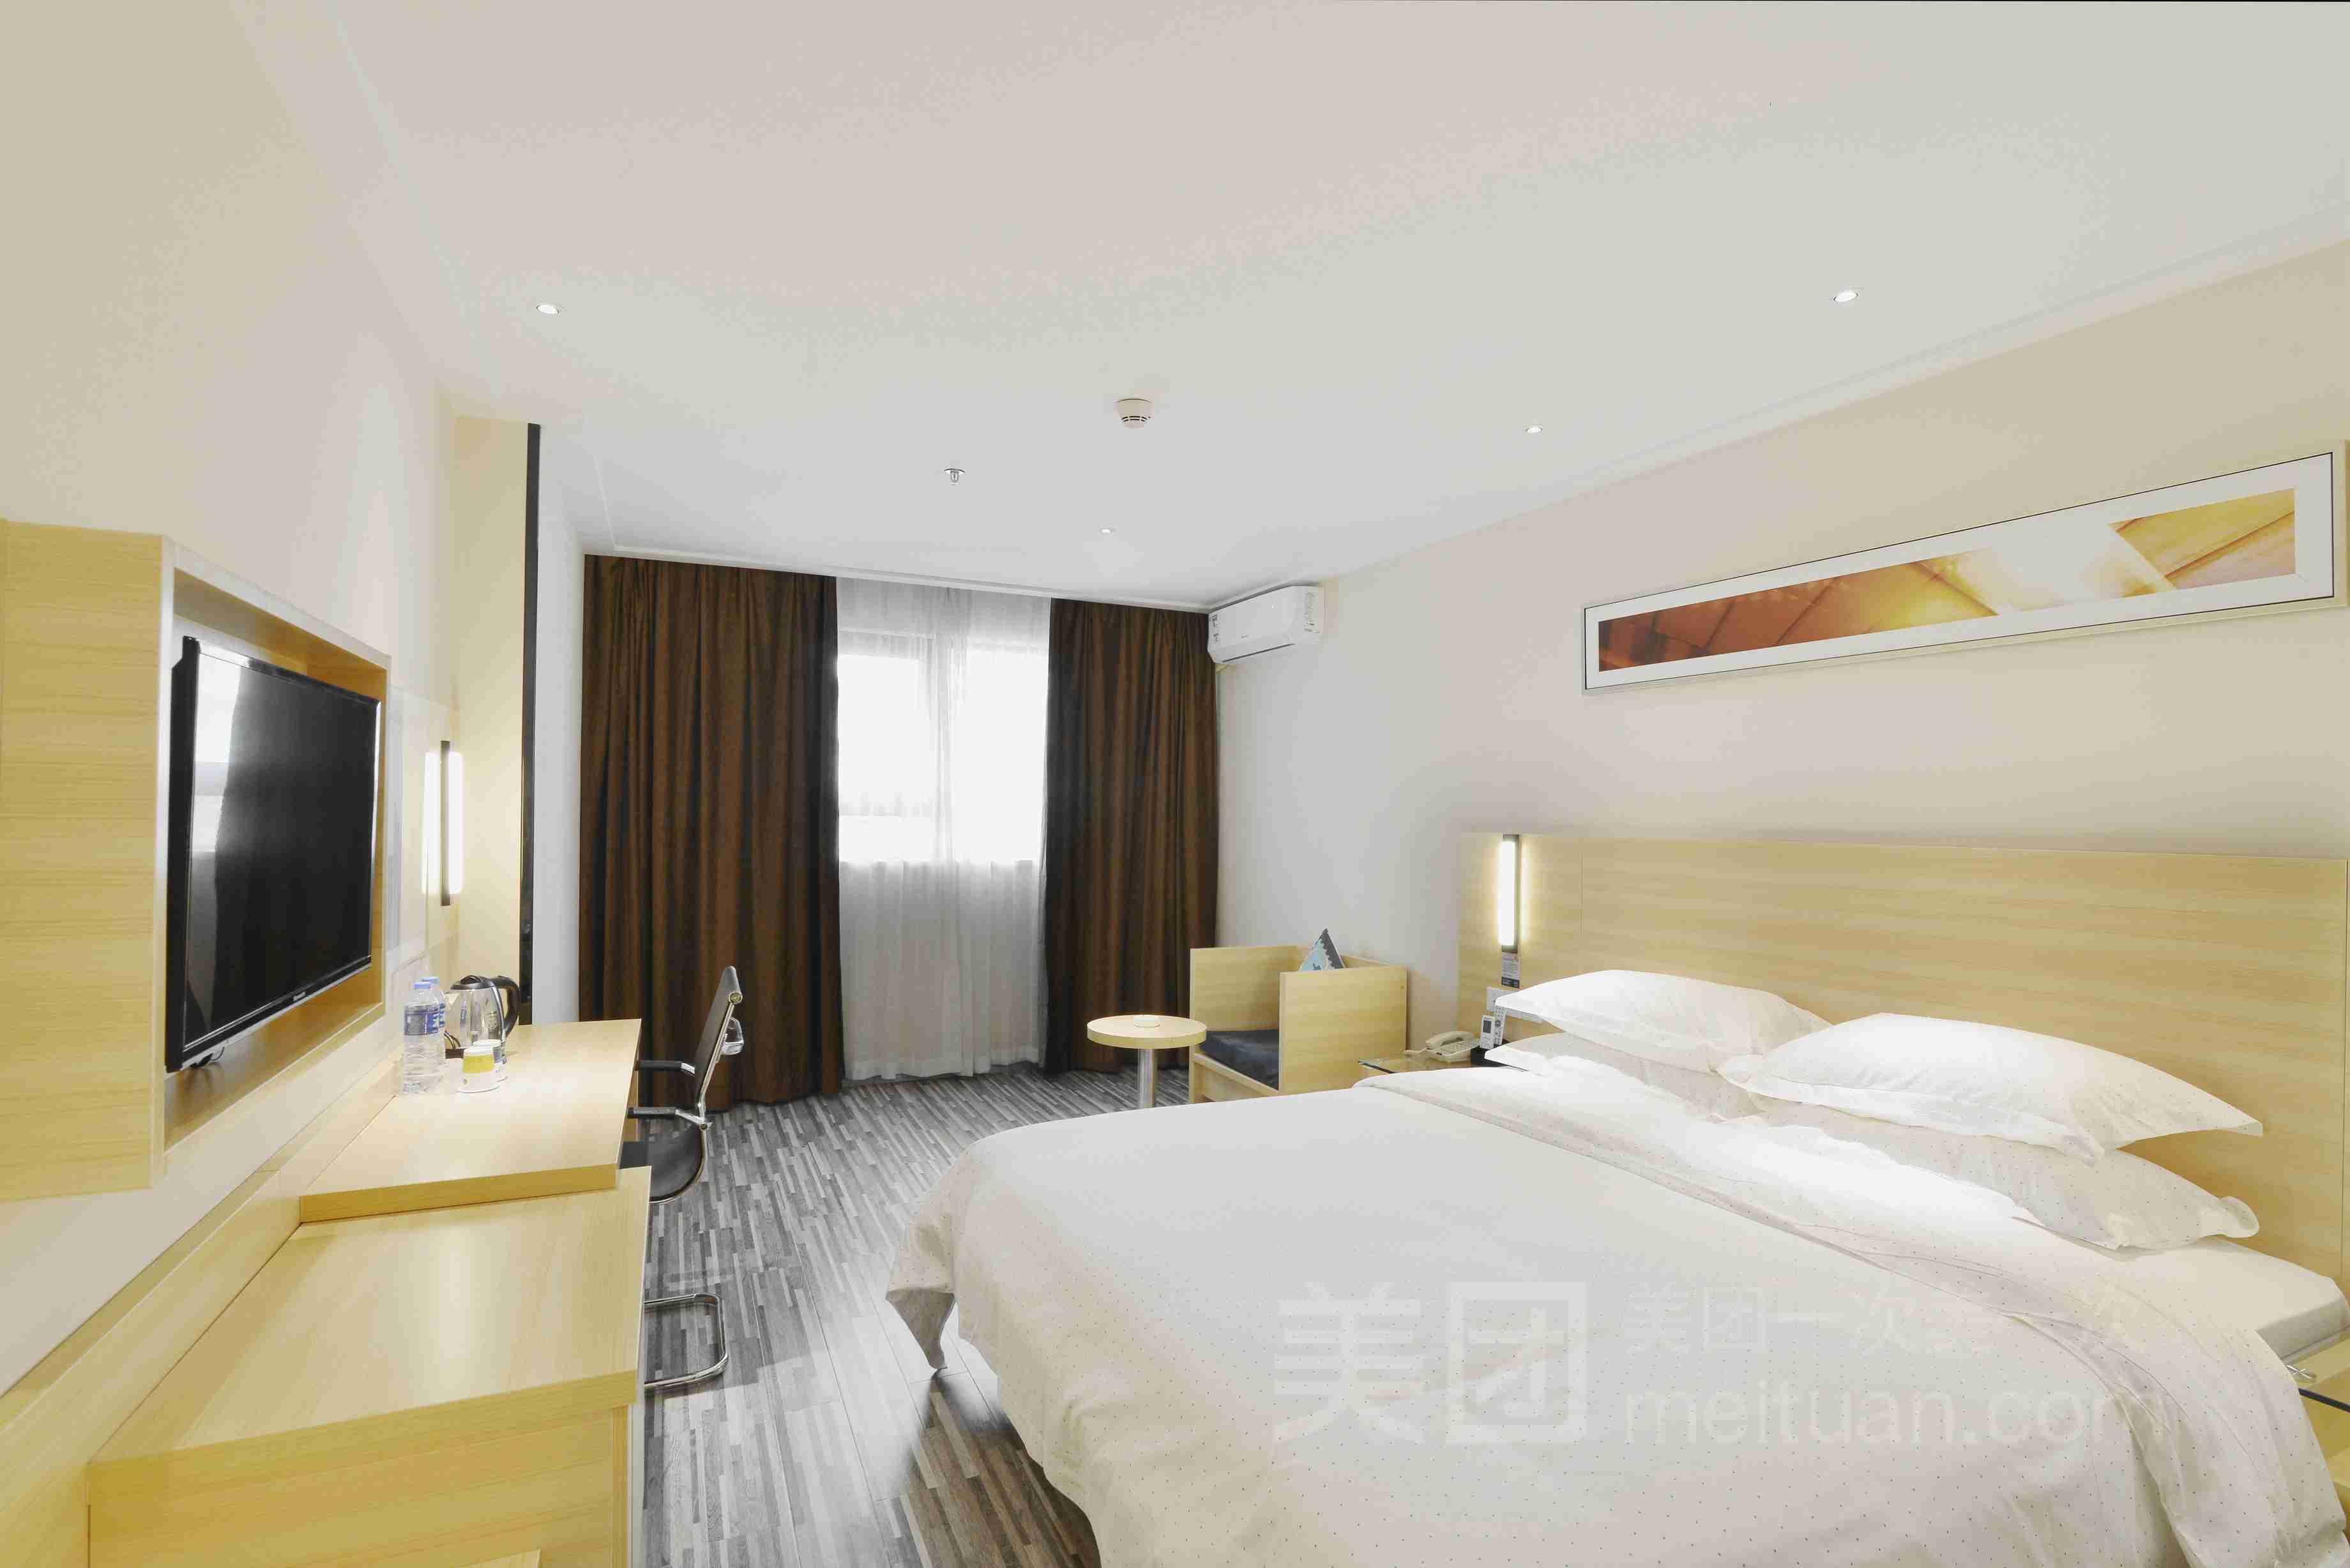 嘿HOME酒店式公寓(亦庄文化园店)预订/团购